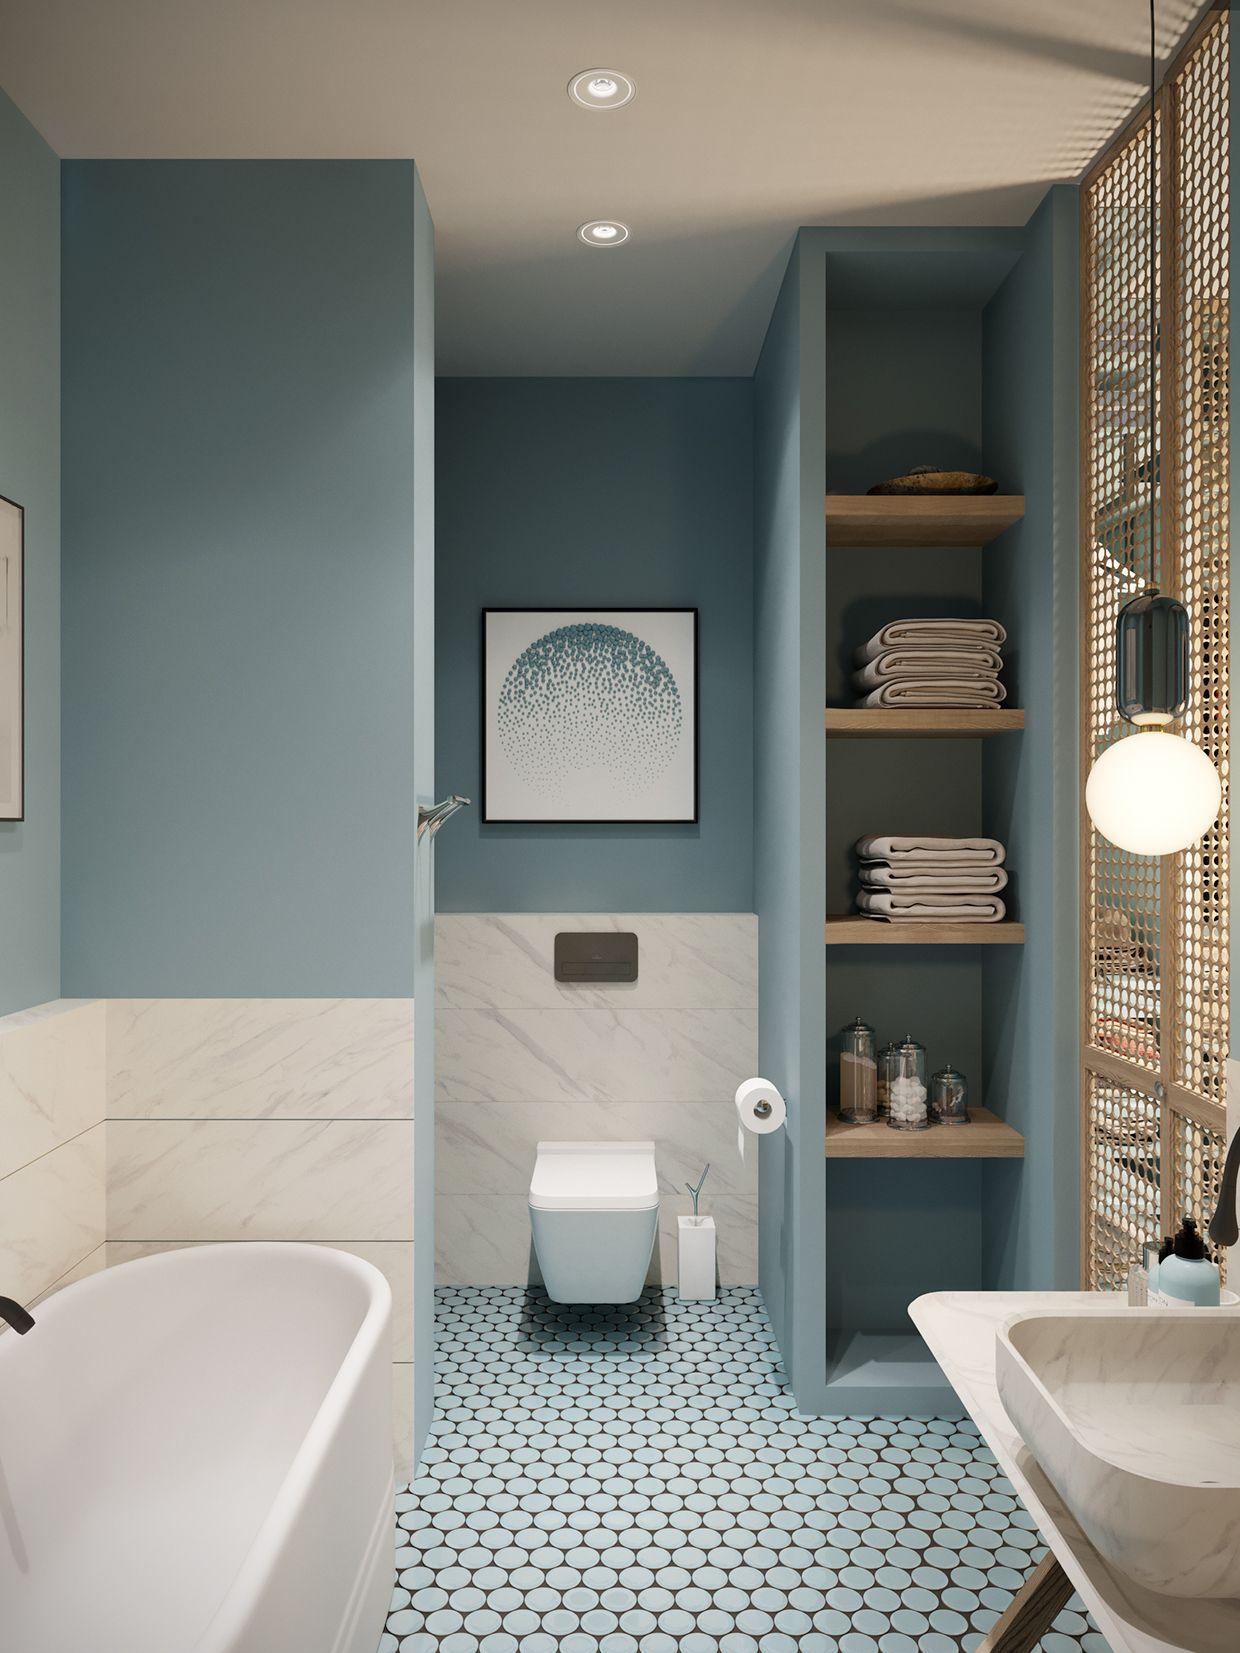 Epingle Par Elaine Pupo Sur Bathrooms Idee Salle De Bain Couleur Salle De Bain Et Deco Salle De Bain